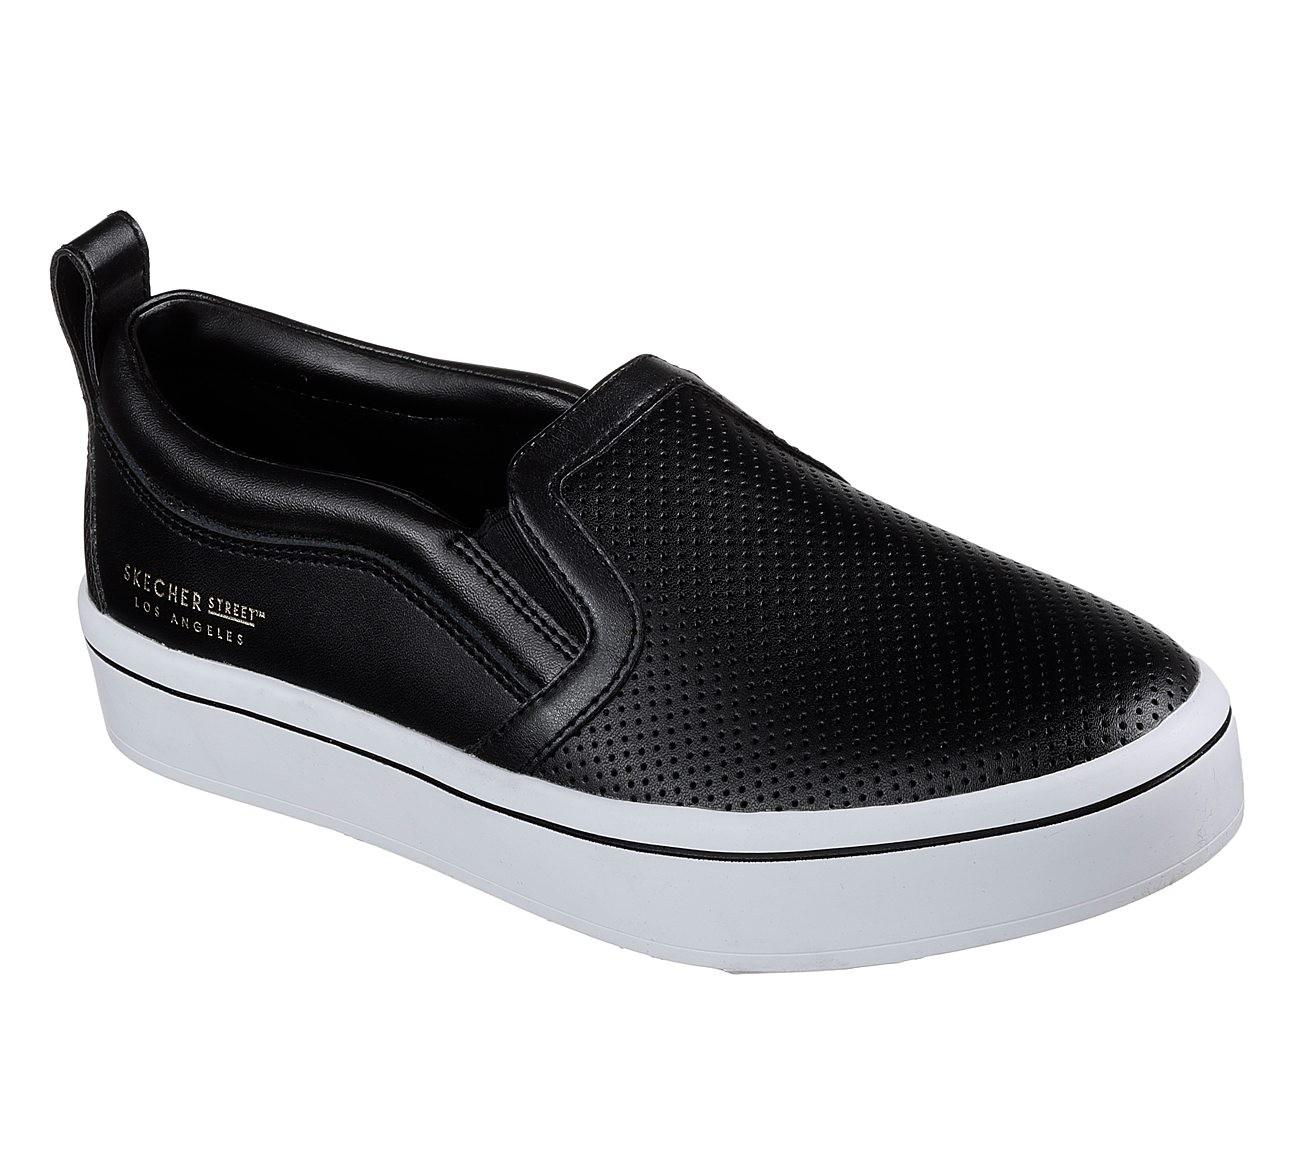 נעלי סקצרס נשים SKECHERS HI-LITES PERF-ERRED